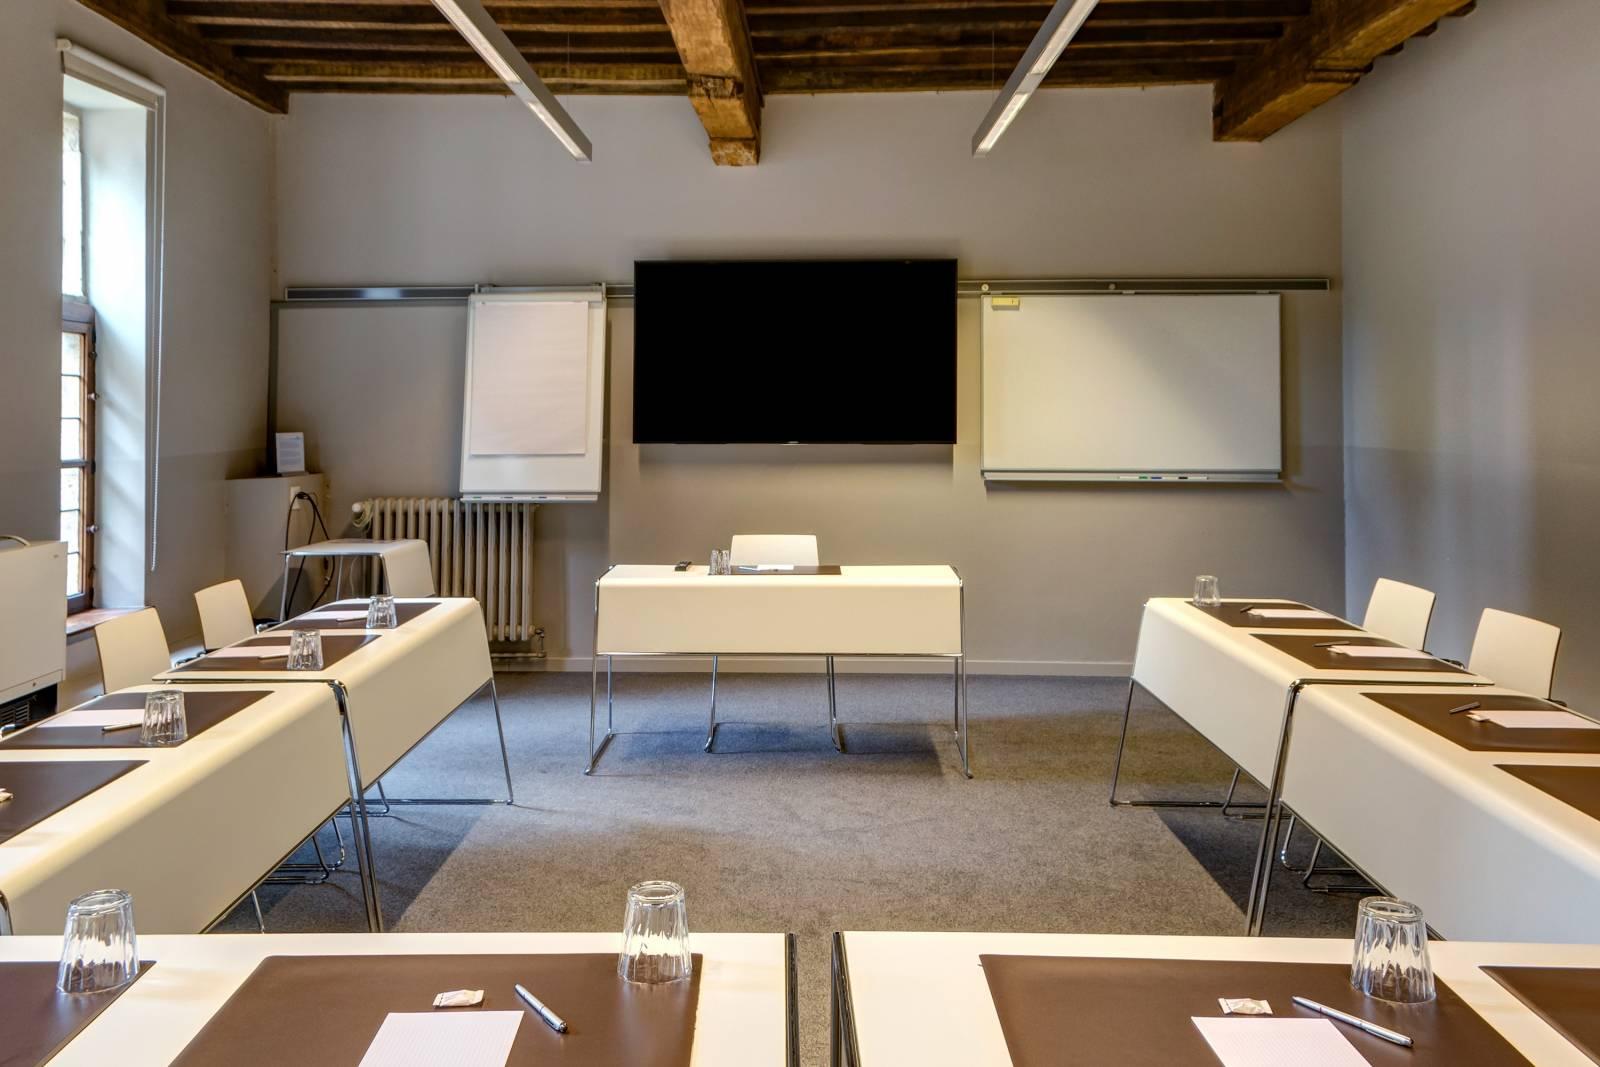 Faculty Club - Feestzaal - Feestlocatie - Rustiek - Historisch - Leuven (Vlaams-Brabant) - House of Events - 1